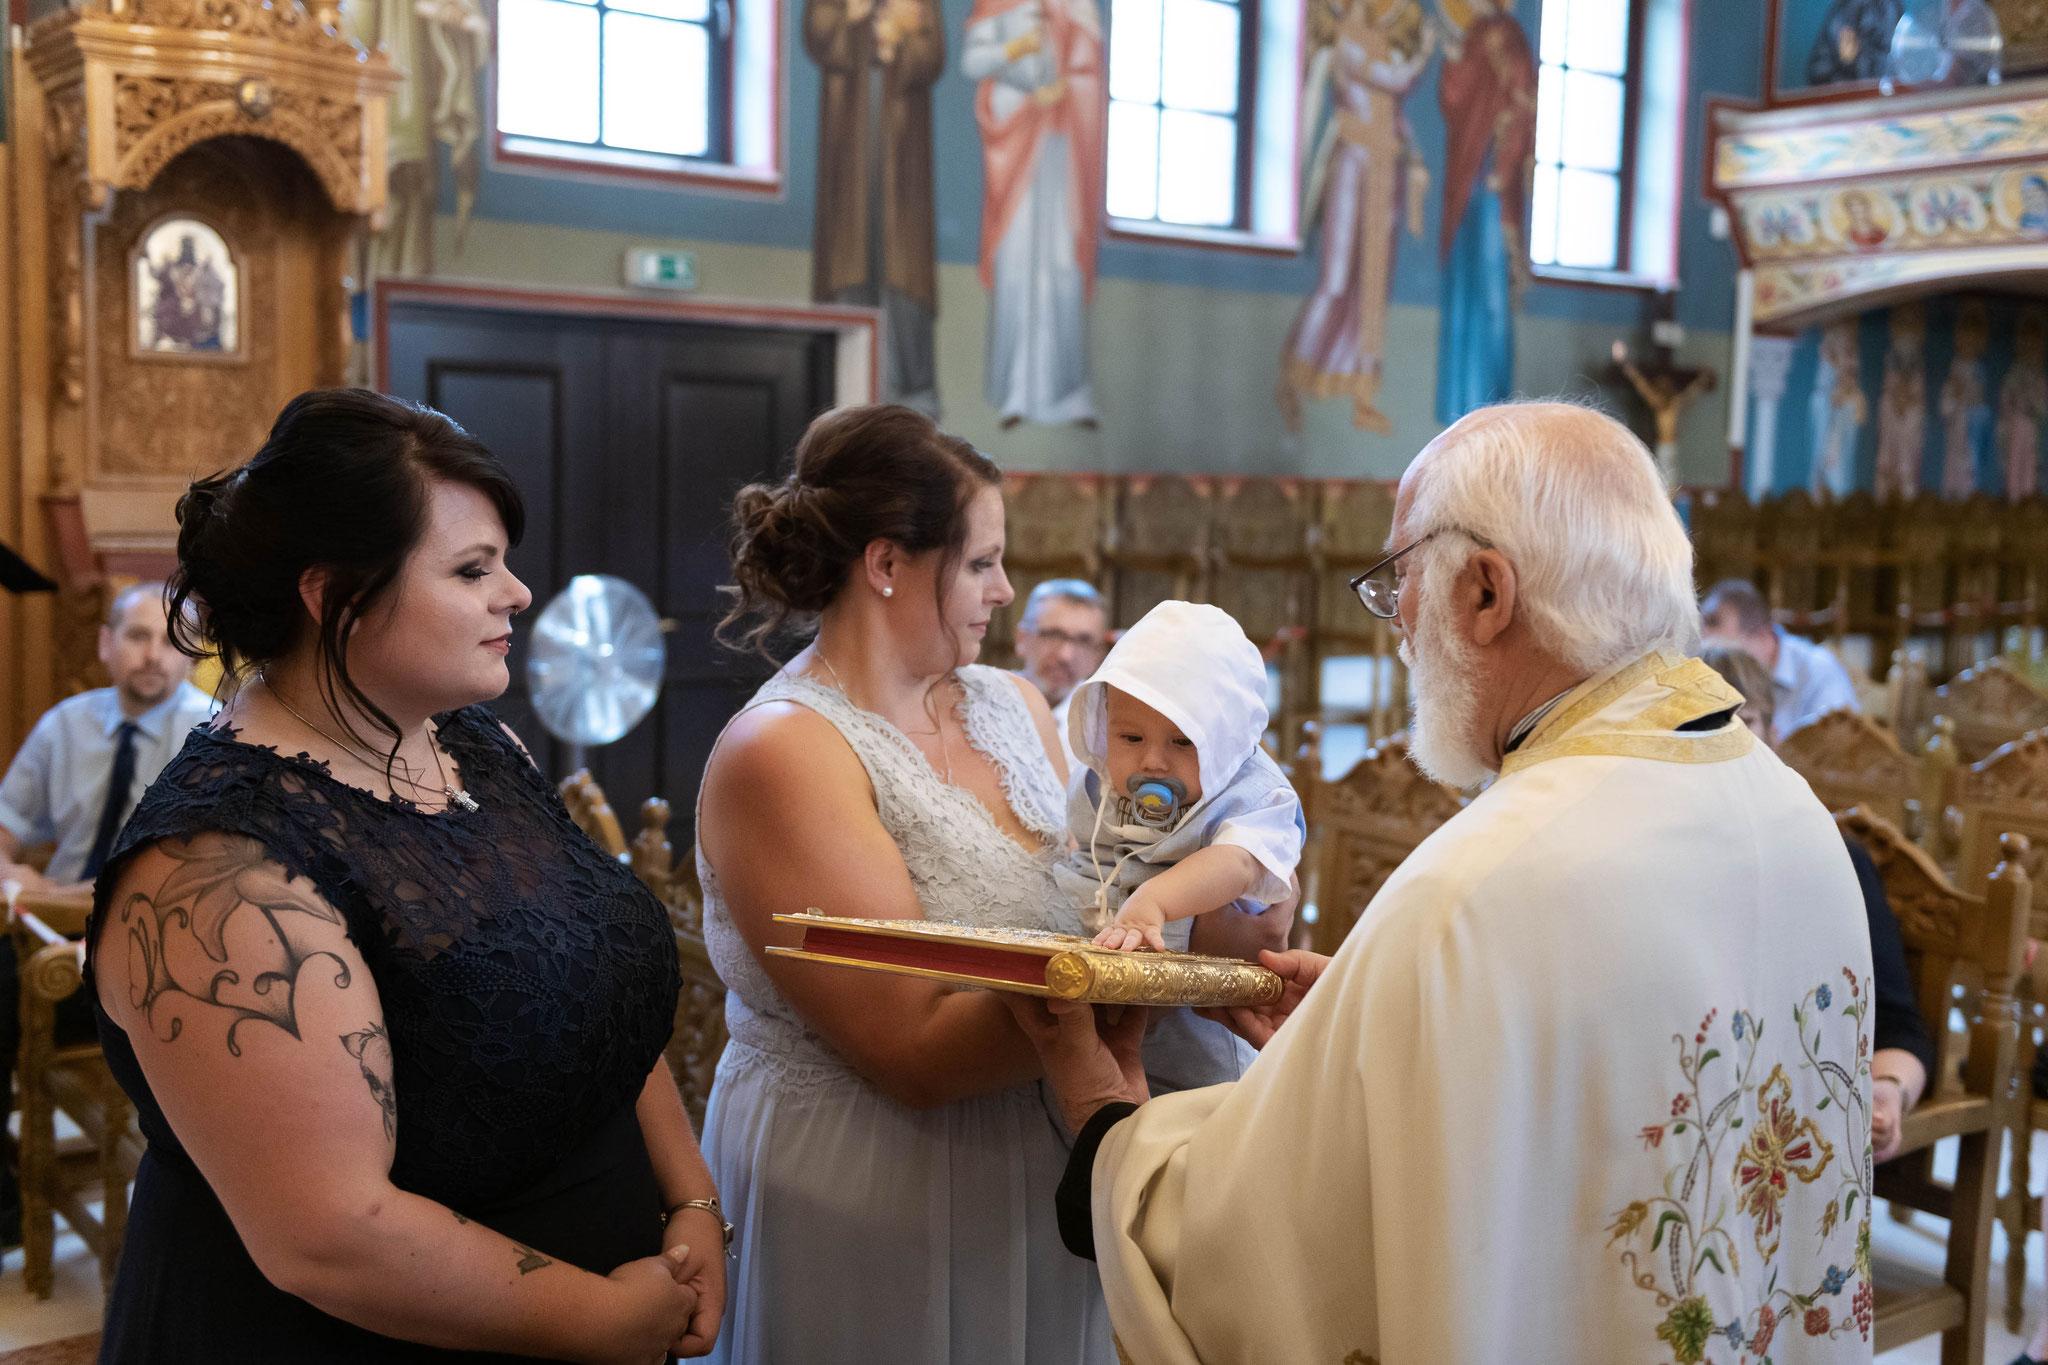 Fotografische Begleitung während der orthodoxen Taufe in der griechischen Kirche in Wiesbaden